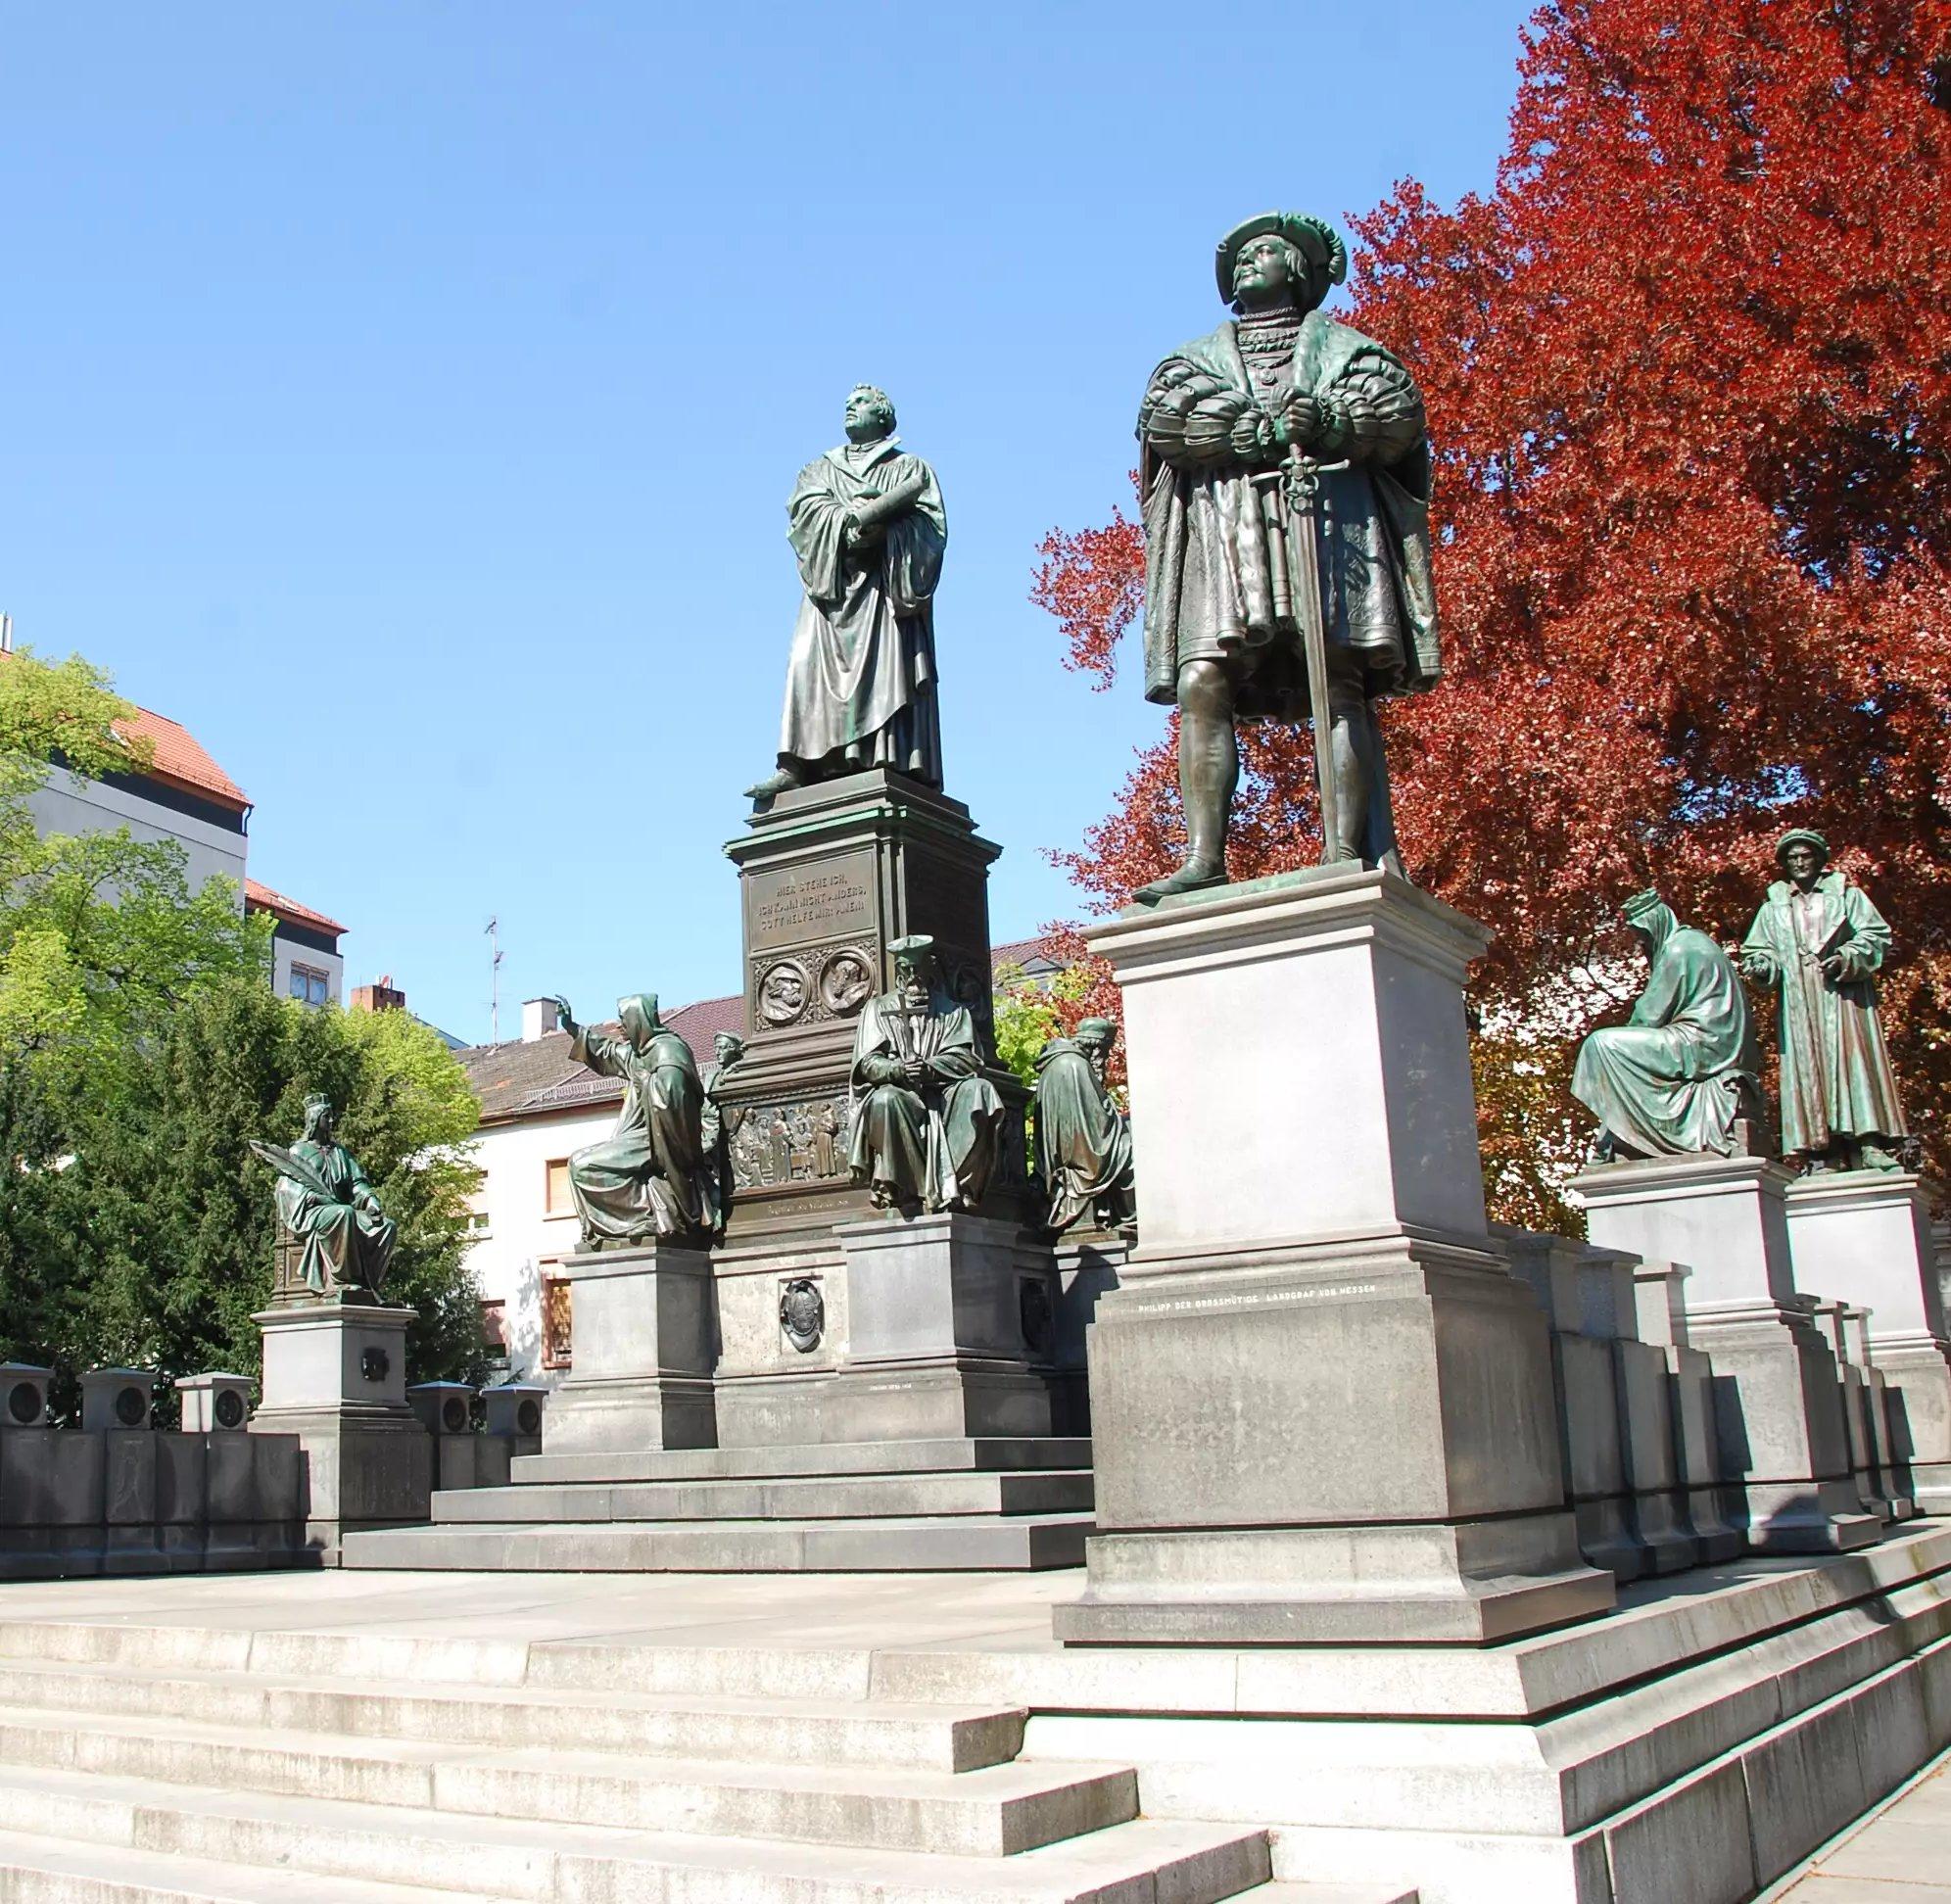 Das Lutherdenkmal in Worms- eine bedeutende Gedenkstätte der Reformation, Lutherstadt